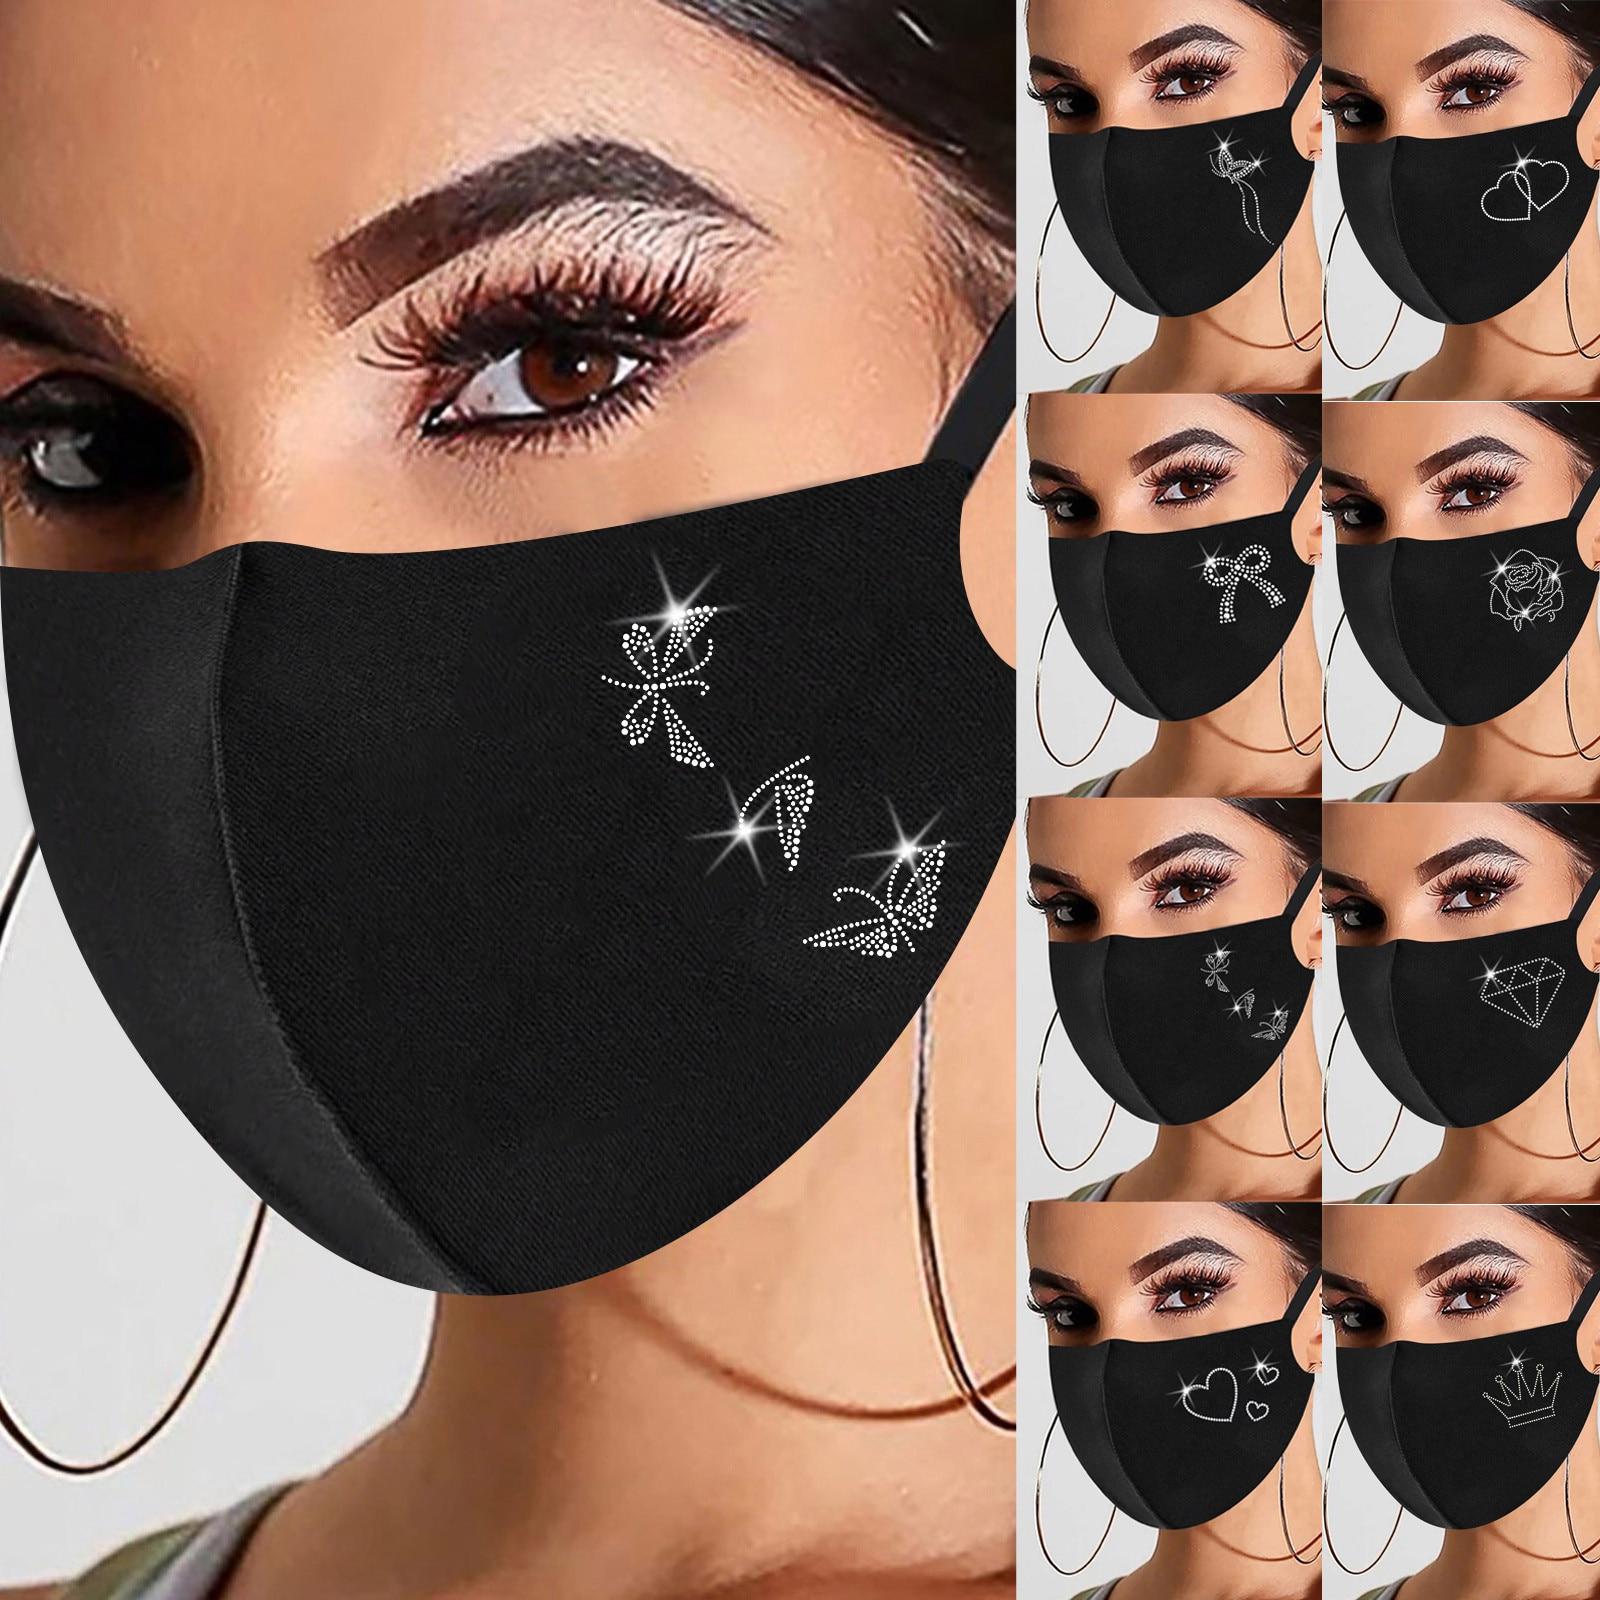 1pc Preto Máscara de Natal Para As Mulheres Na Moda Hot Diamante Impressão de Algodão Máscara Máscaras Маски От Вирусов Dropshipping 1